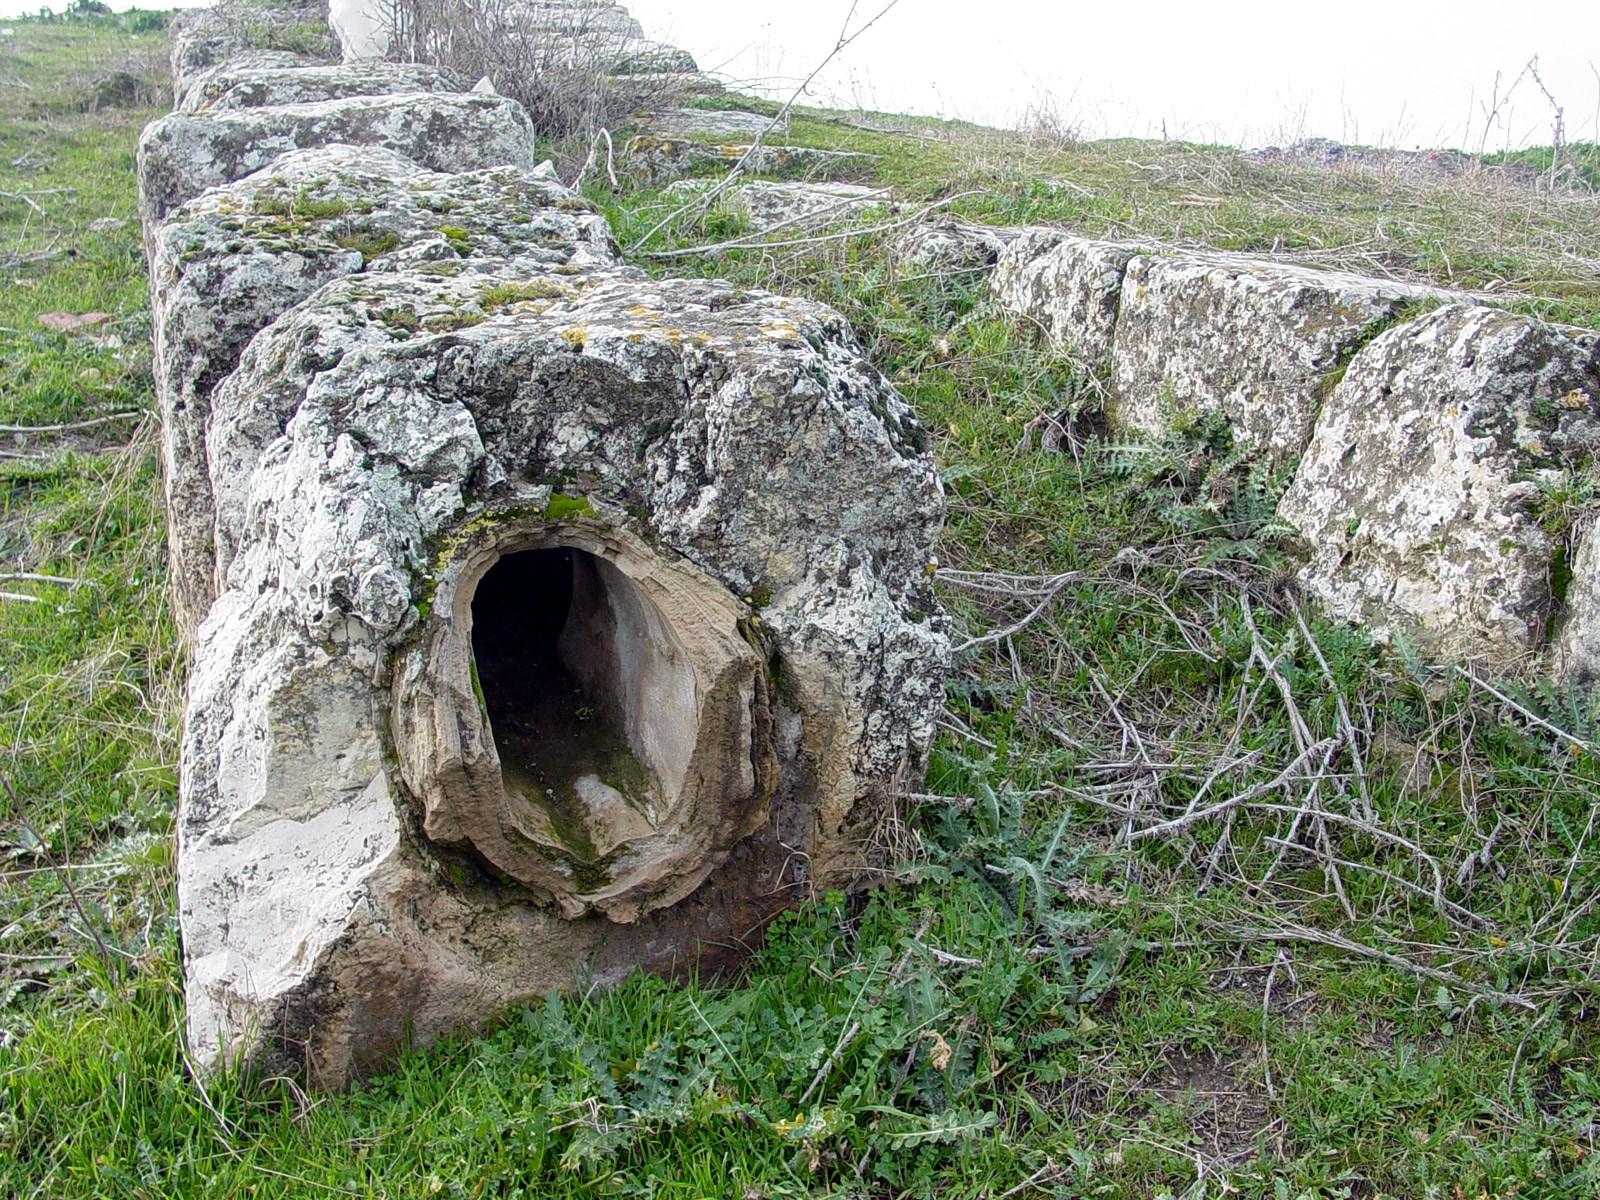 上图:老底家引水渠遗迹。Lycus河在夏季是干涸的,所以老底家人利用虹吸原理设计了复杂的管道,从城市南方引来清水。